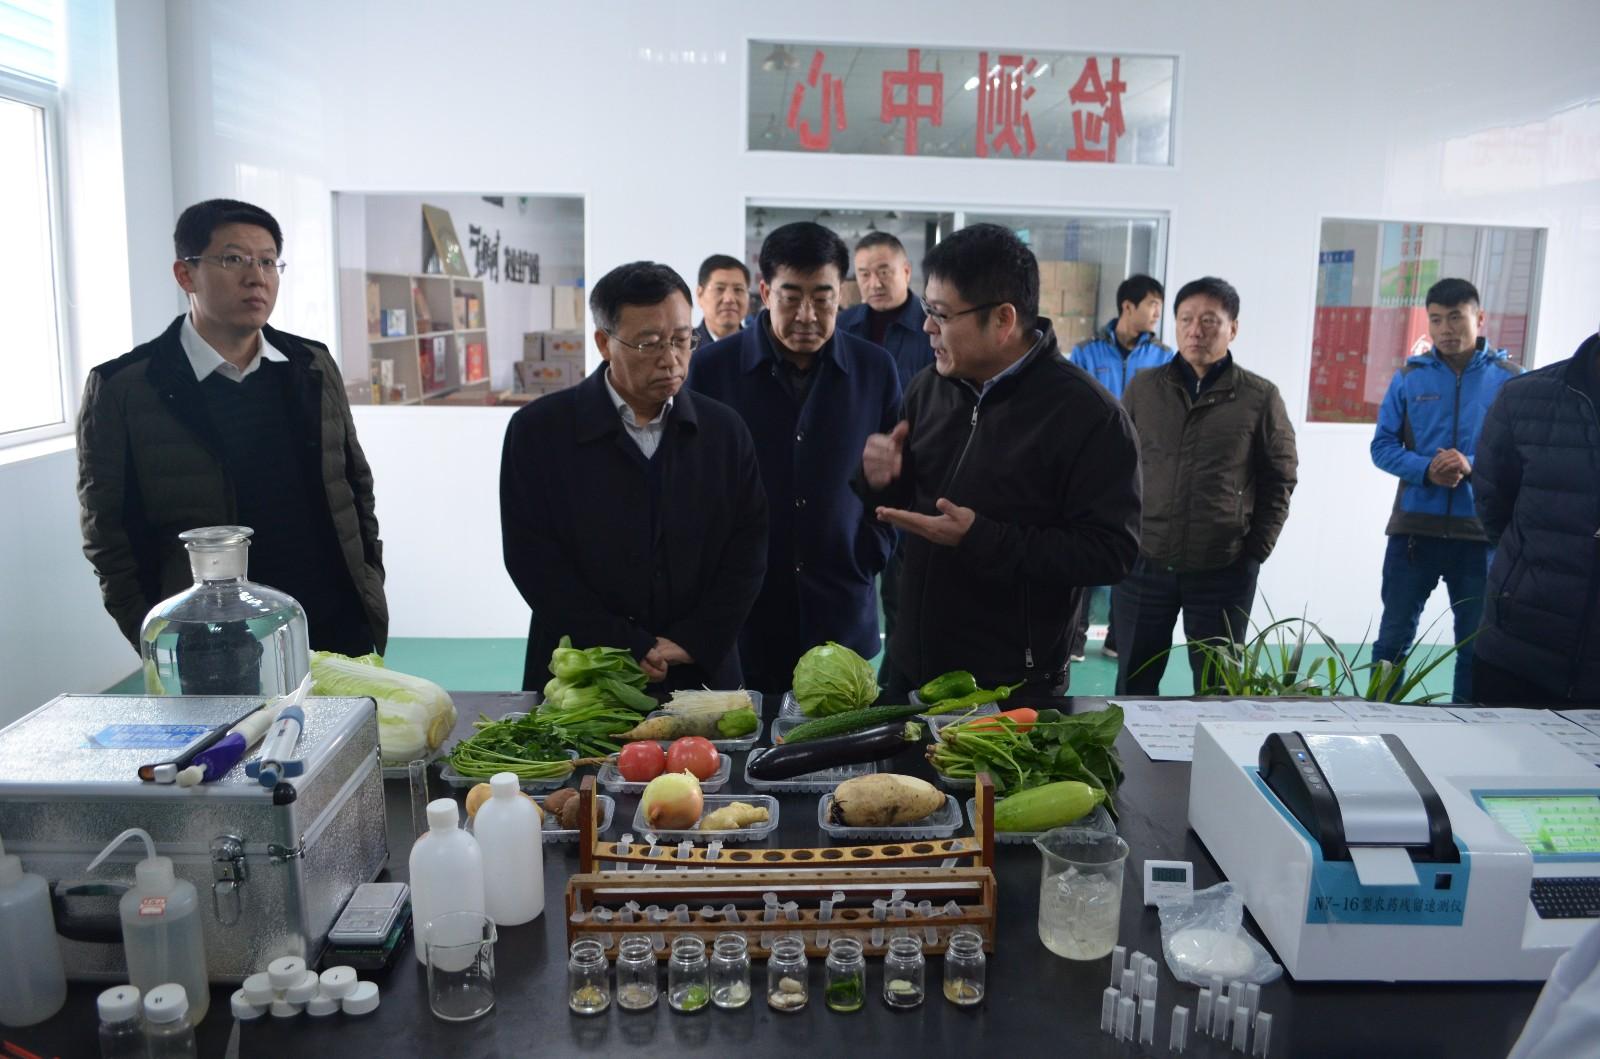 农业部发展计划司到公司调研现代农业发展情况|企业新闻-山东众得利现代农业发展有限公司